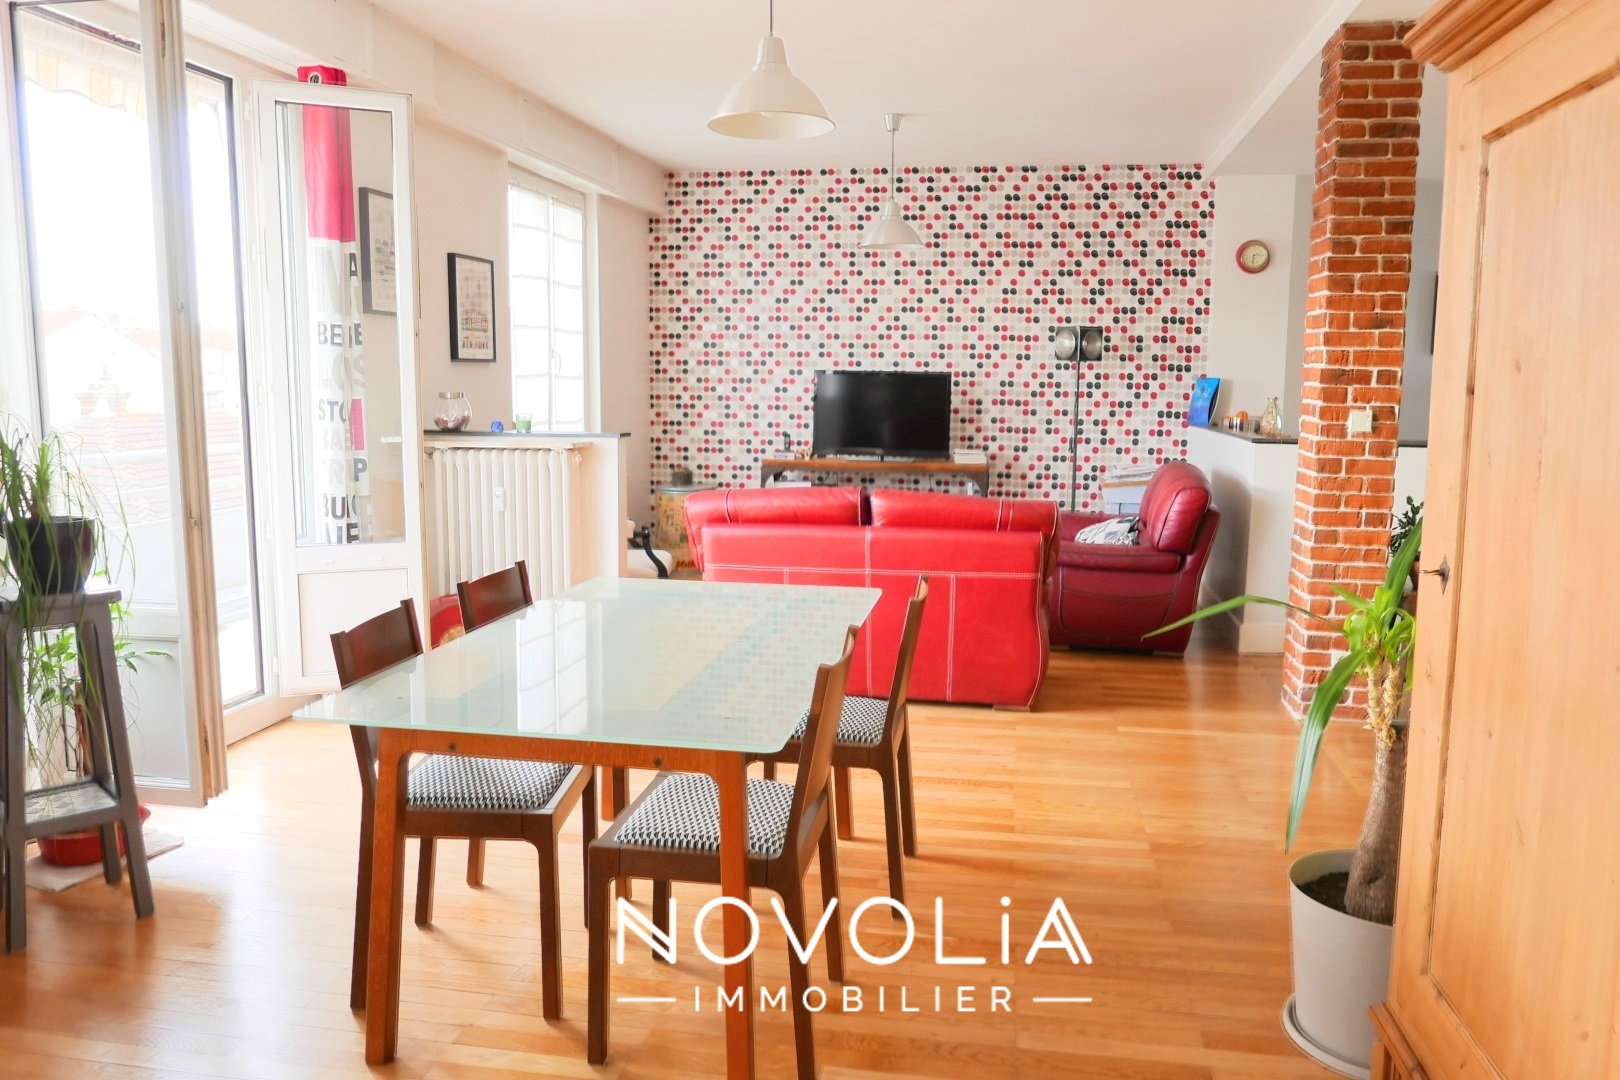 Achat Appartement, Surface de 102.1 m²/ Total carrez : 102 m², 4 pièces, Lyon 7ème (69007)